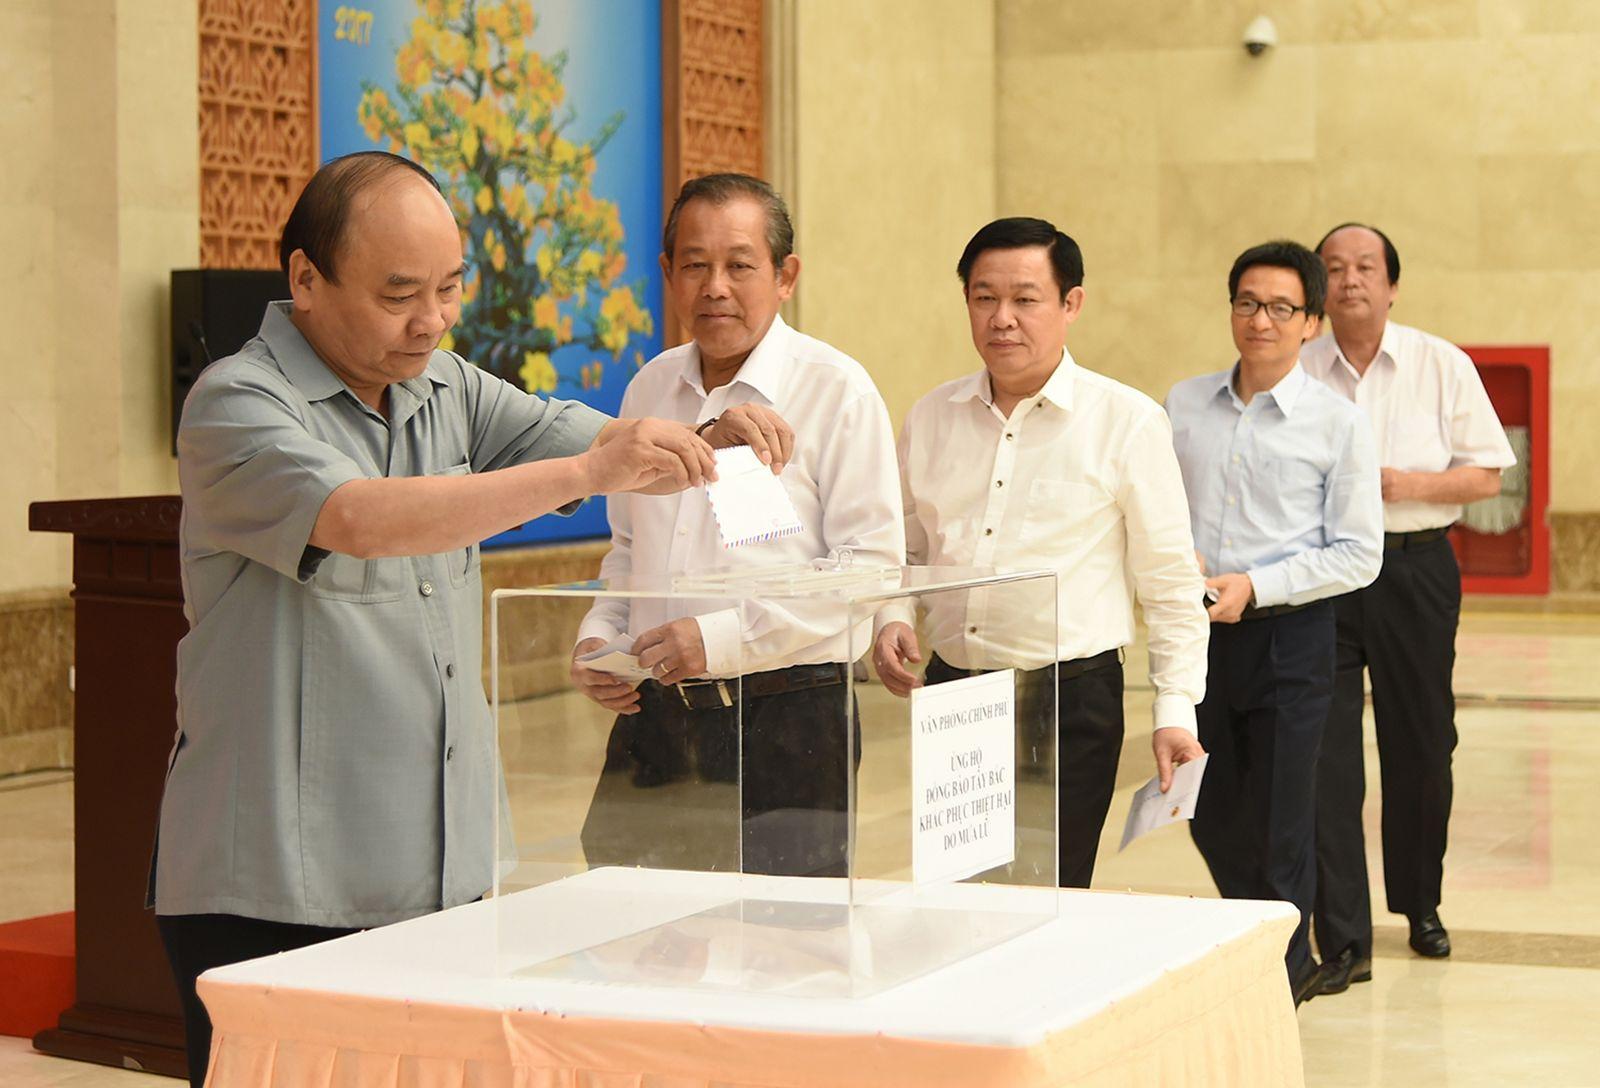 Thủ tướng Nguyễn Xuân Phúc, các Phó Thủ tướng Trương Hòa Bình, Vương Đình Huệ,  Vũ Đức Đam ủng hộ đồng bào các tỉnh Tây Bắc bị thiệt hại do mưa lũ. Ảnh: VGP/QUANG HIẾU